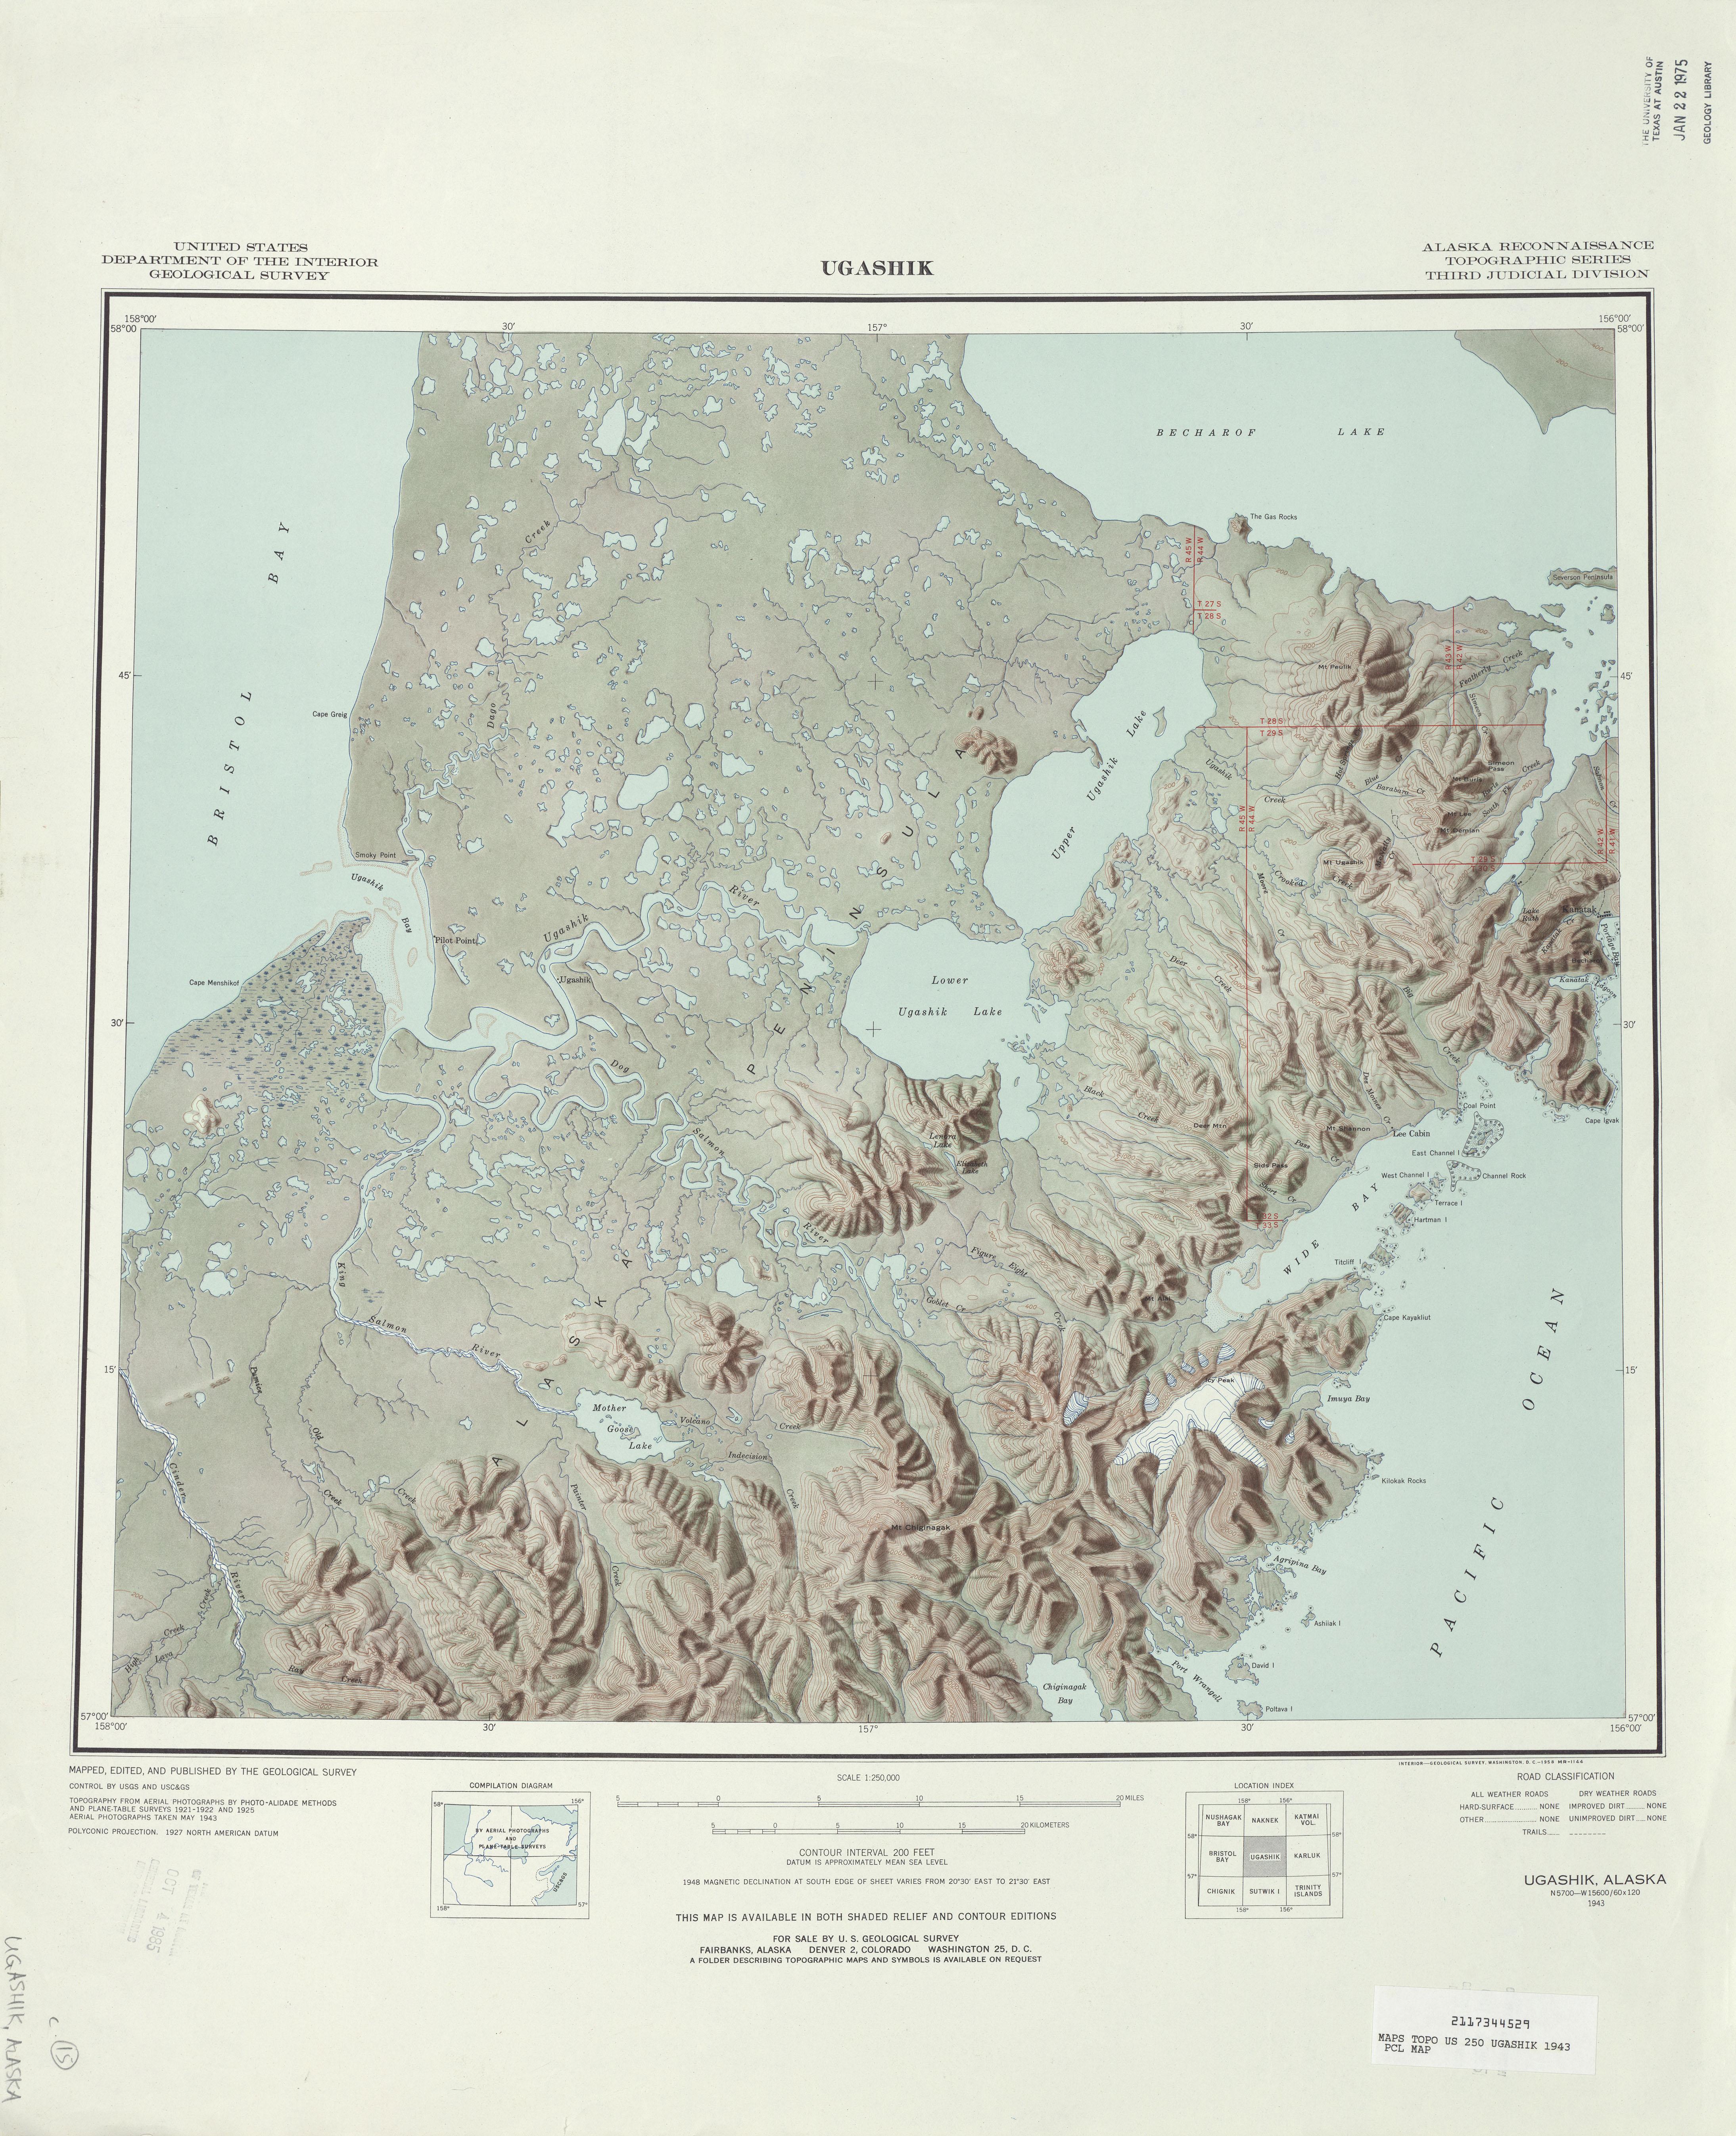 Hoja Ugashik del Mapa de Relieve Sombreado de los Estados Unidos 1943